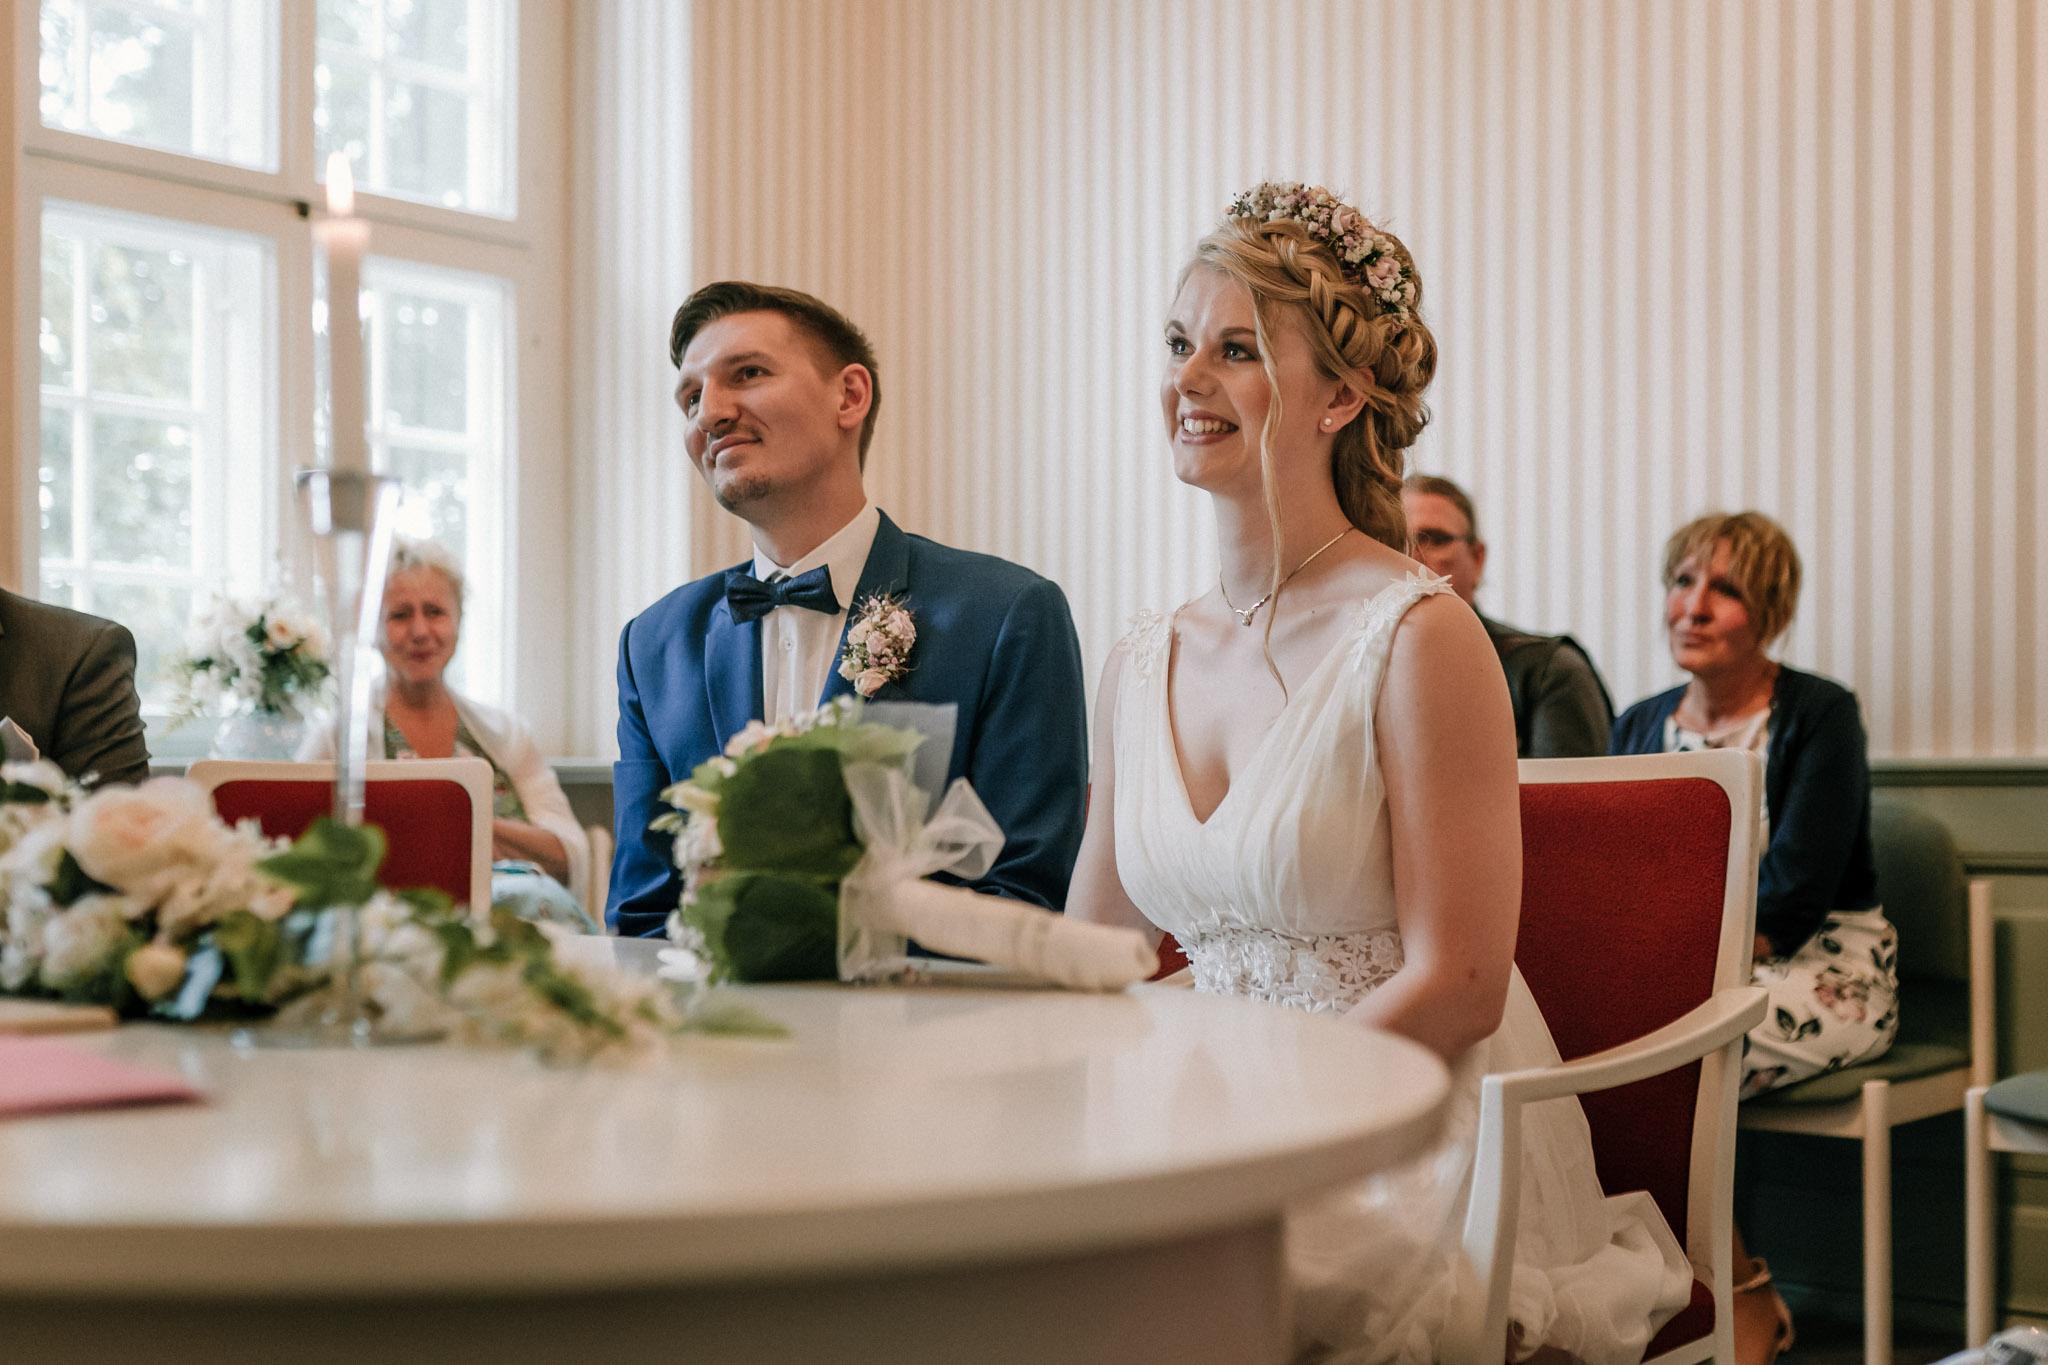 Hochzeitsfieber by Photo-Schomburg, Sven Schomburg Hochzeitsfotografie, Hochzeitsfotograf, Bad Bramstedt, Hamburg, Schleswig-Hostein-17